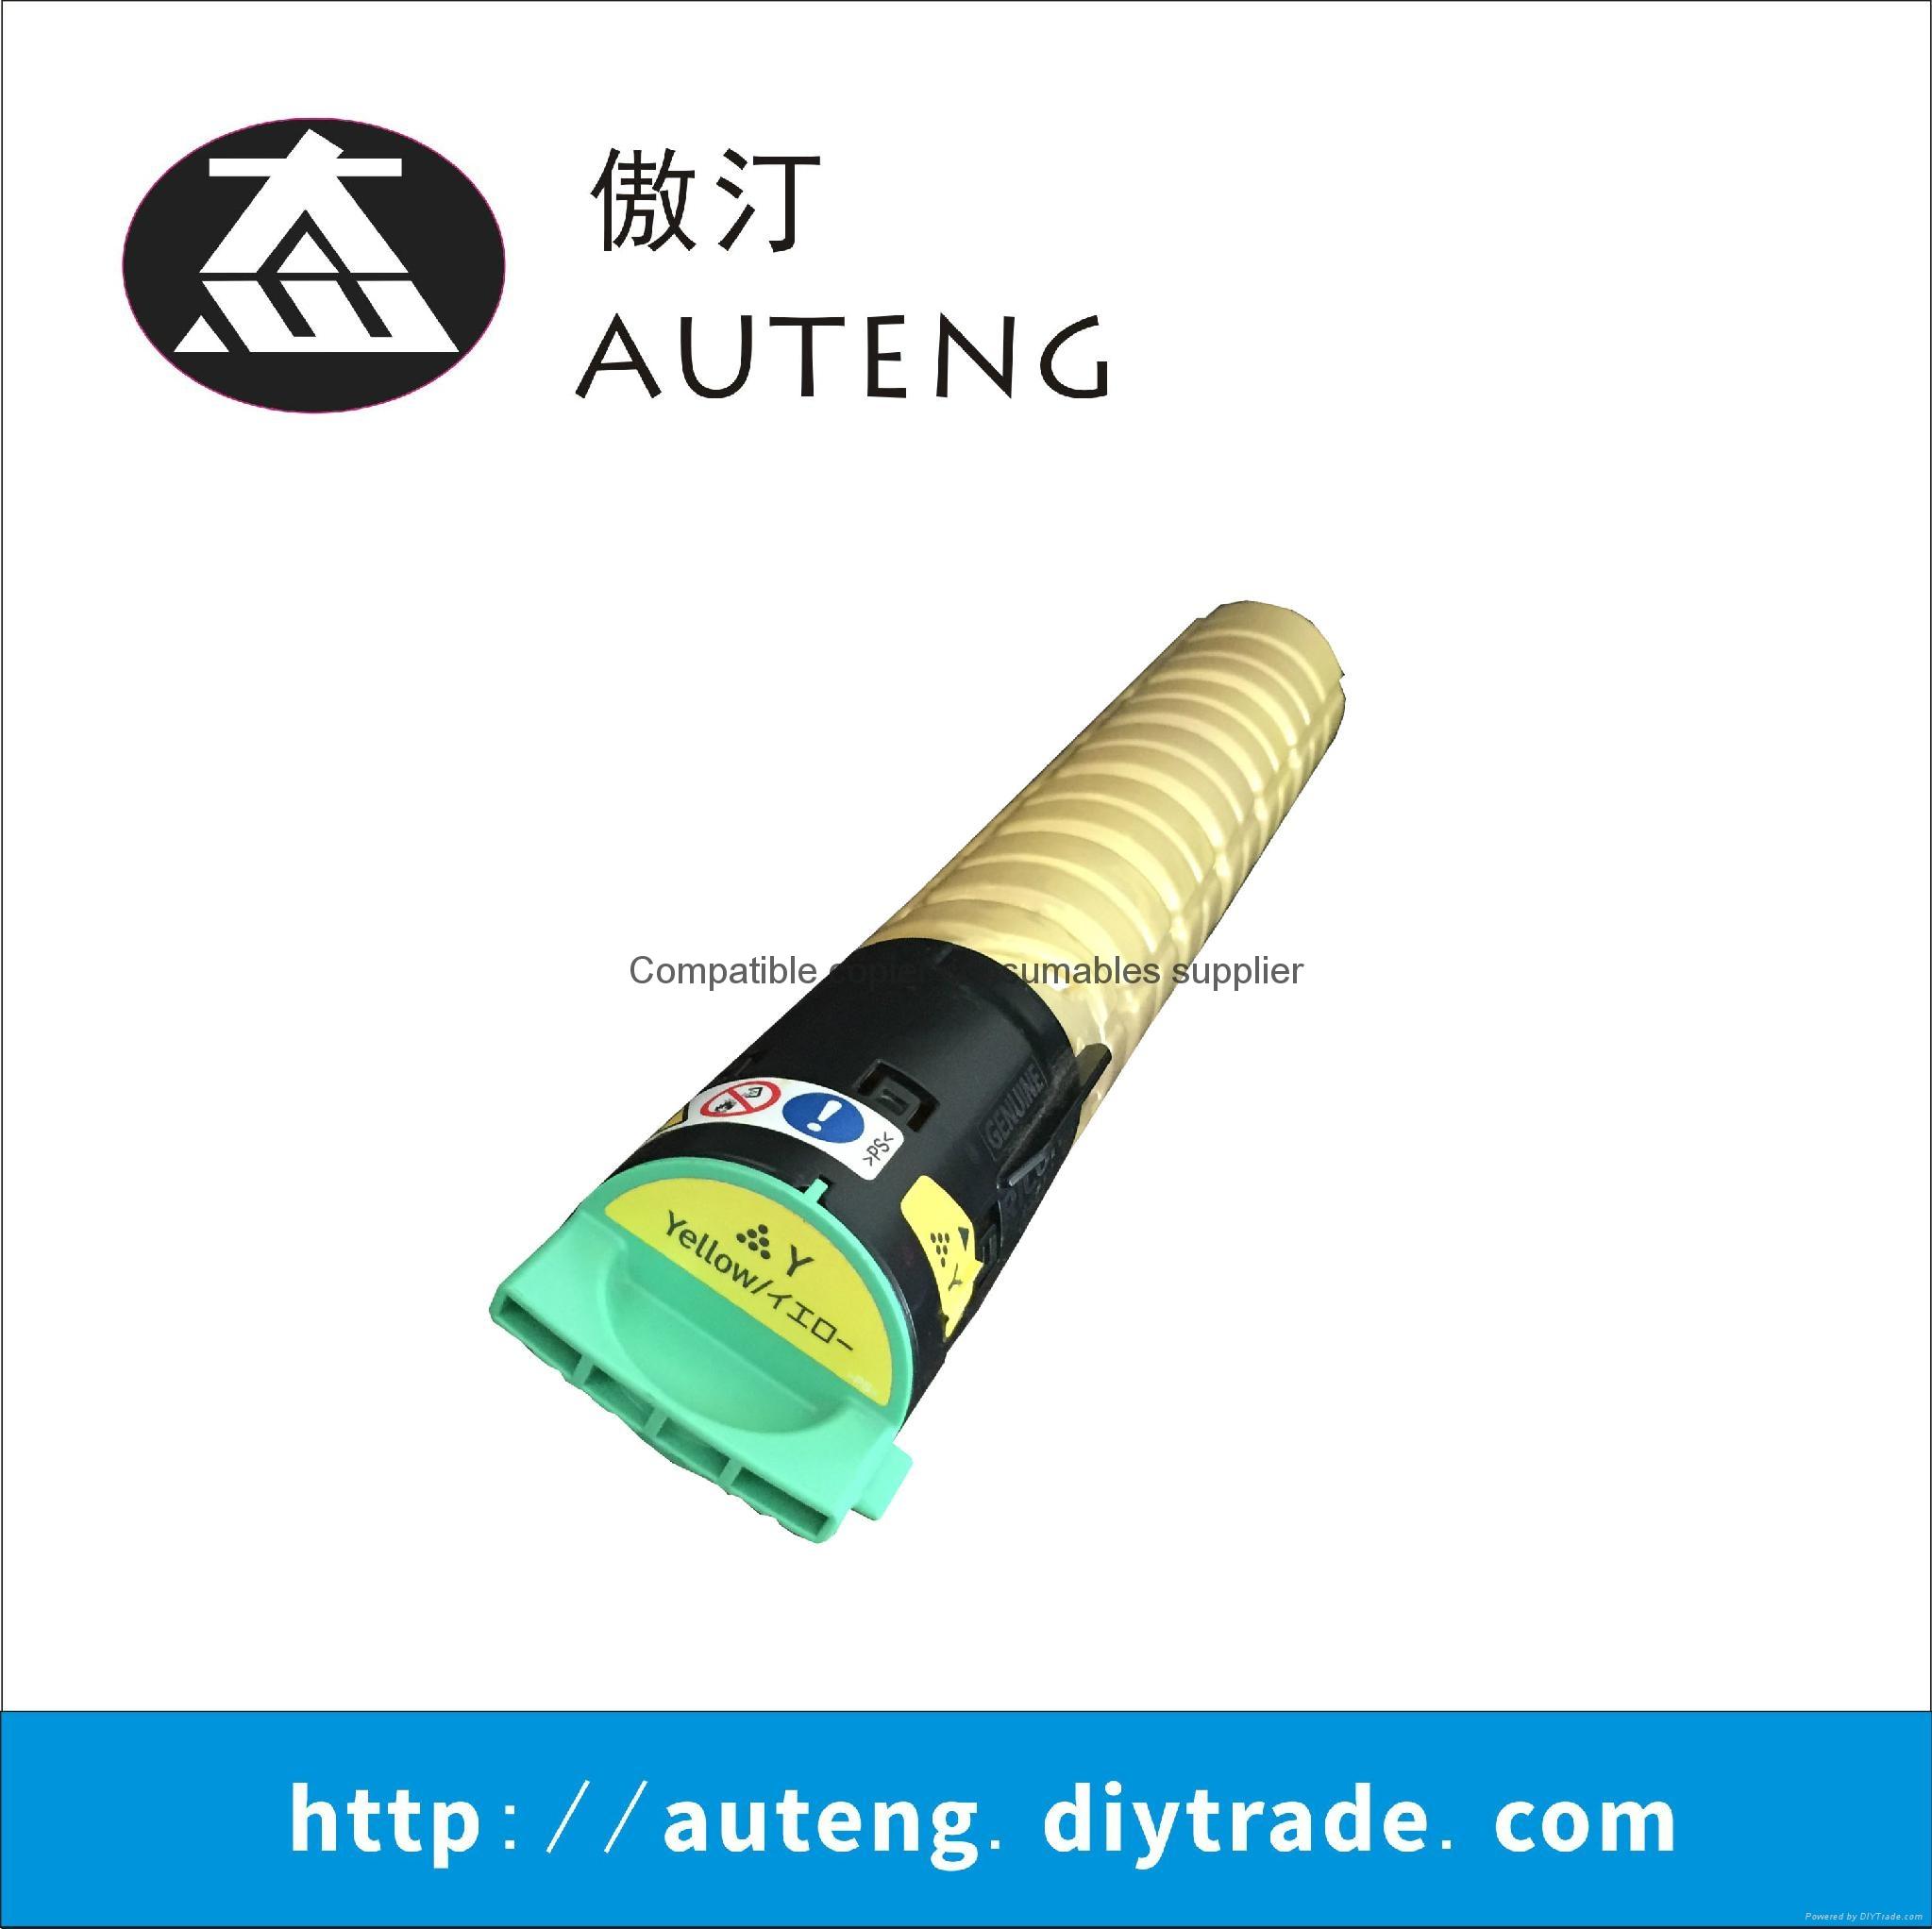 理光MP C2550C型兼容彩粉 135G黃色墨粉 適用於MP C2530,MP C2550 1